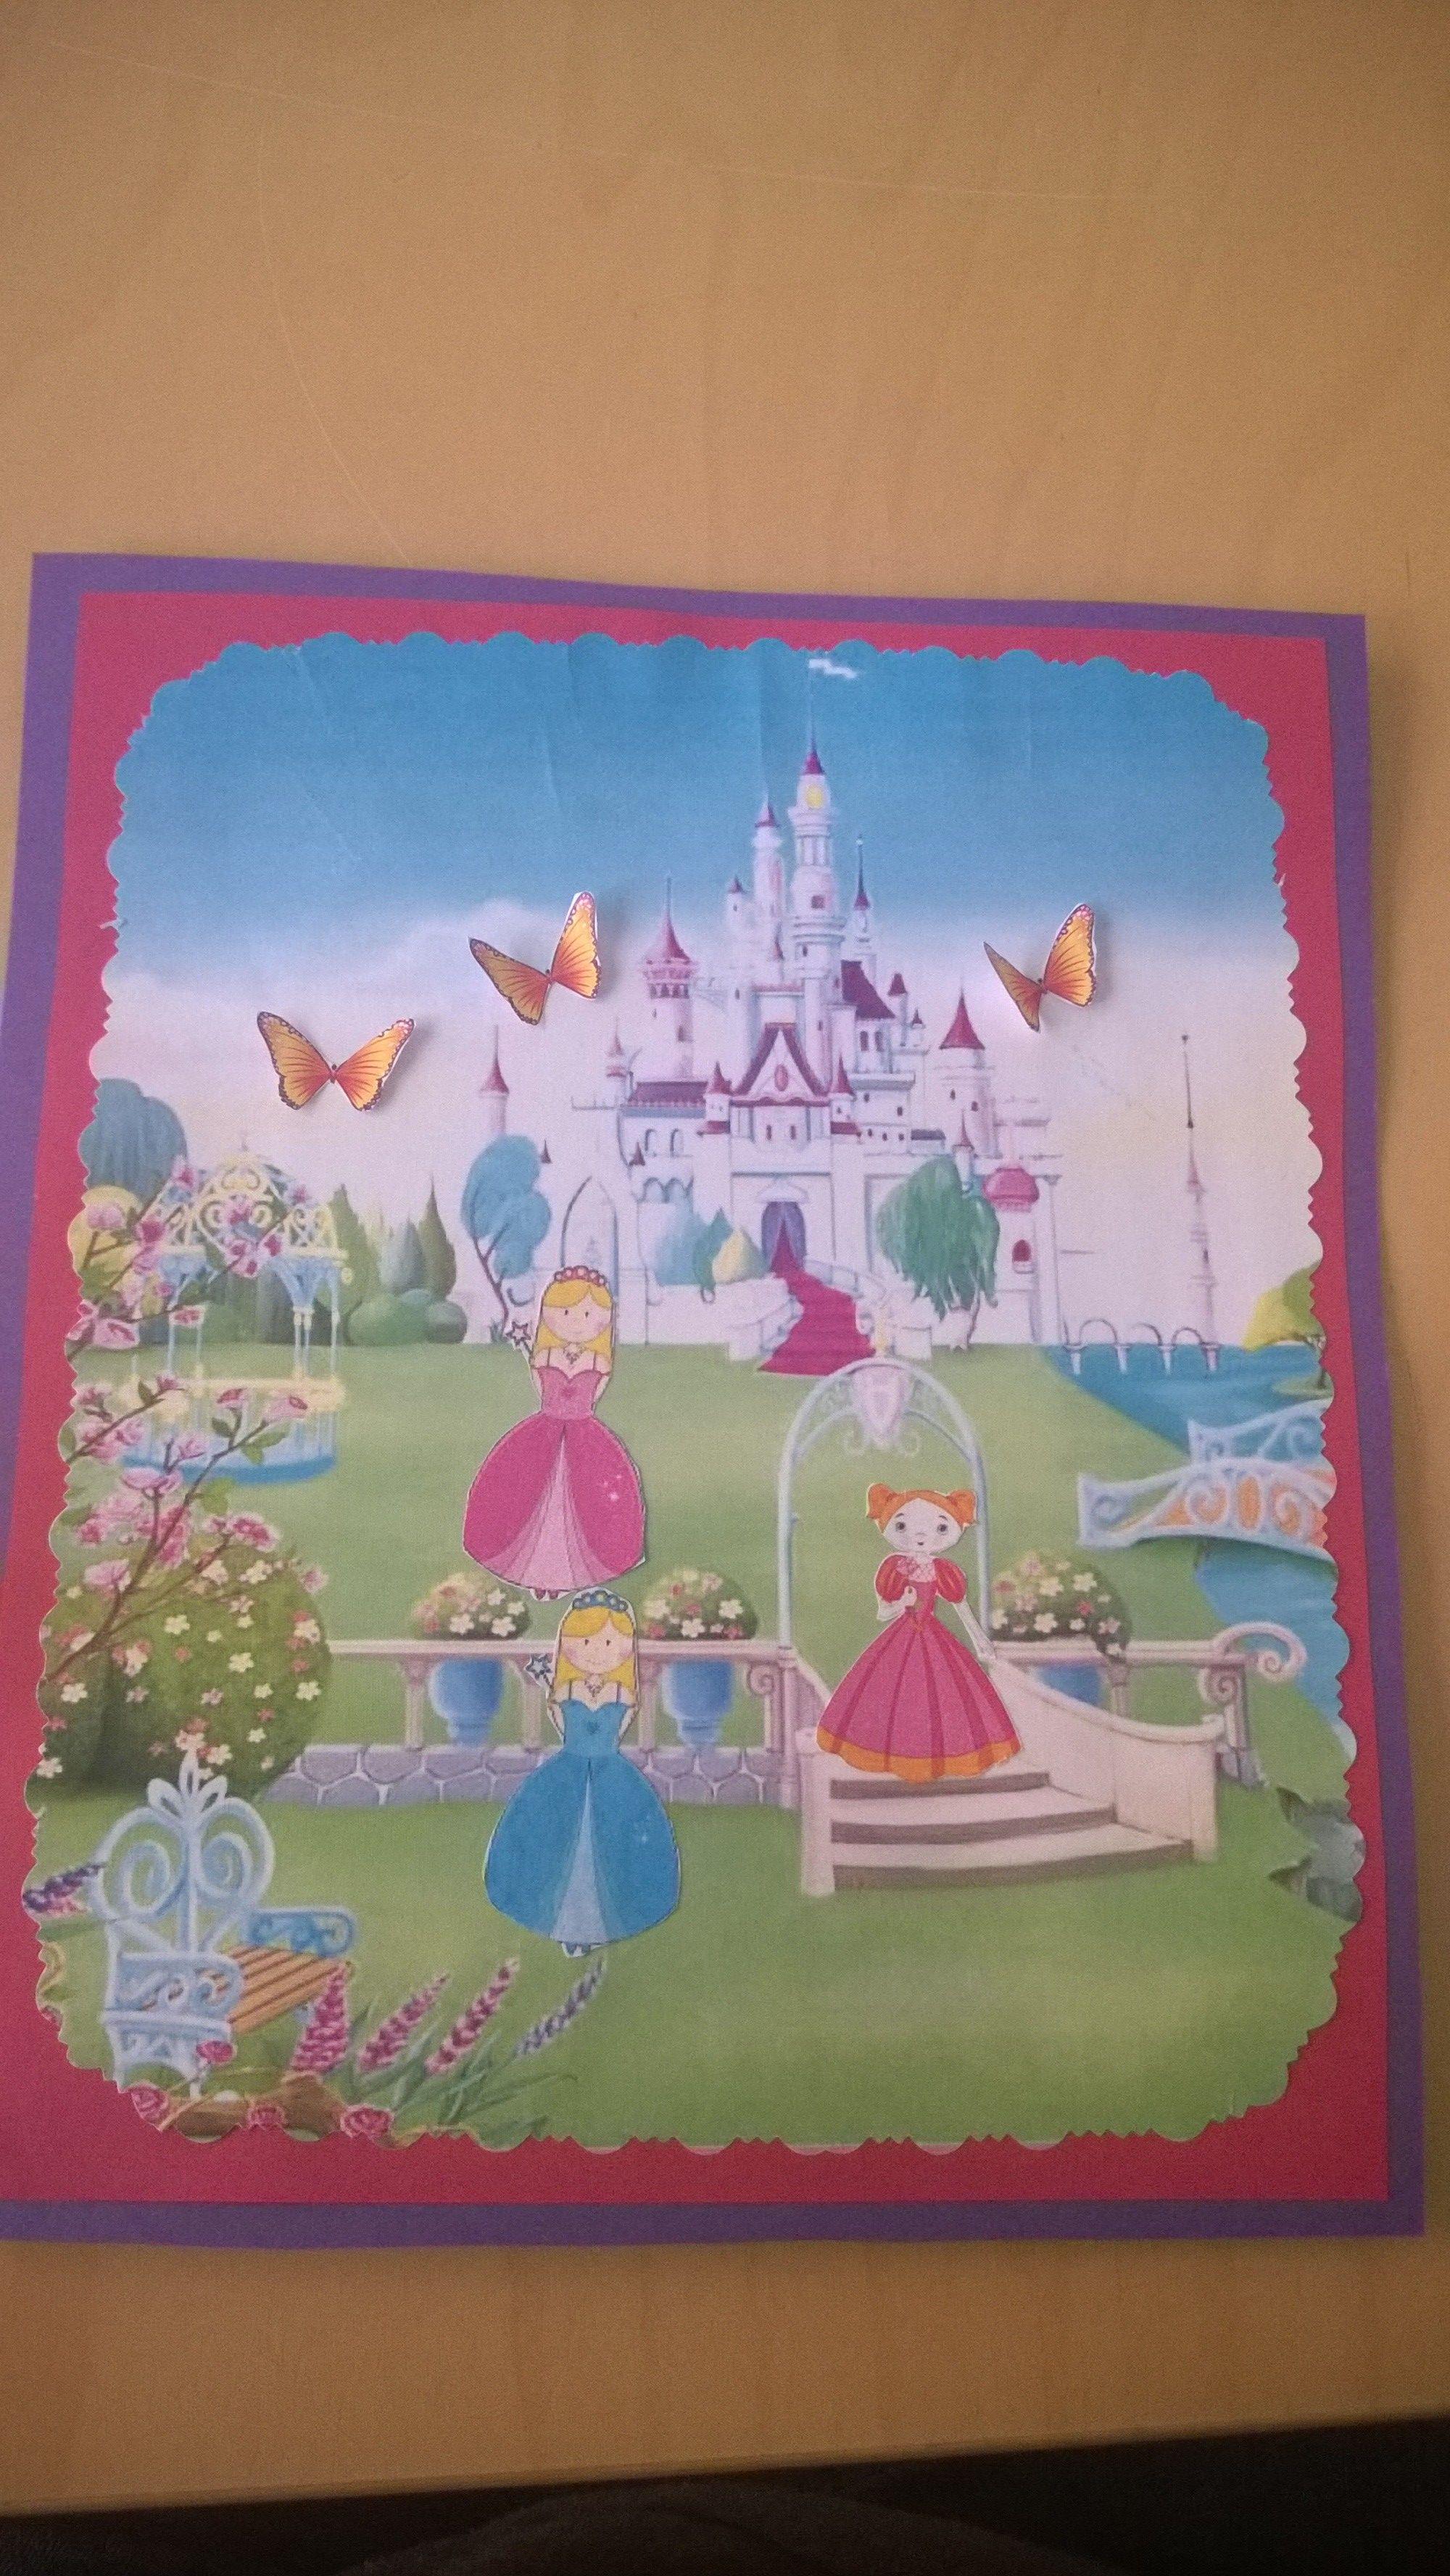 Prinsessa aiheinen kortti kolmi vuotiaalle.